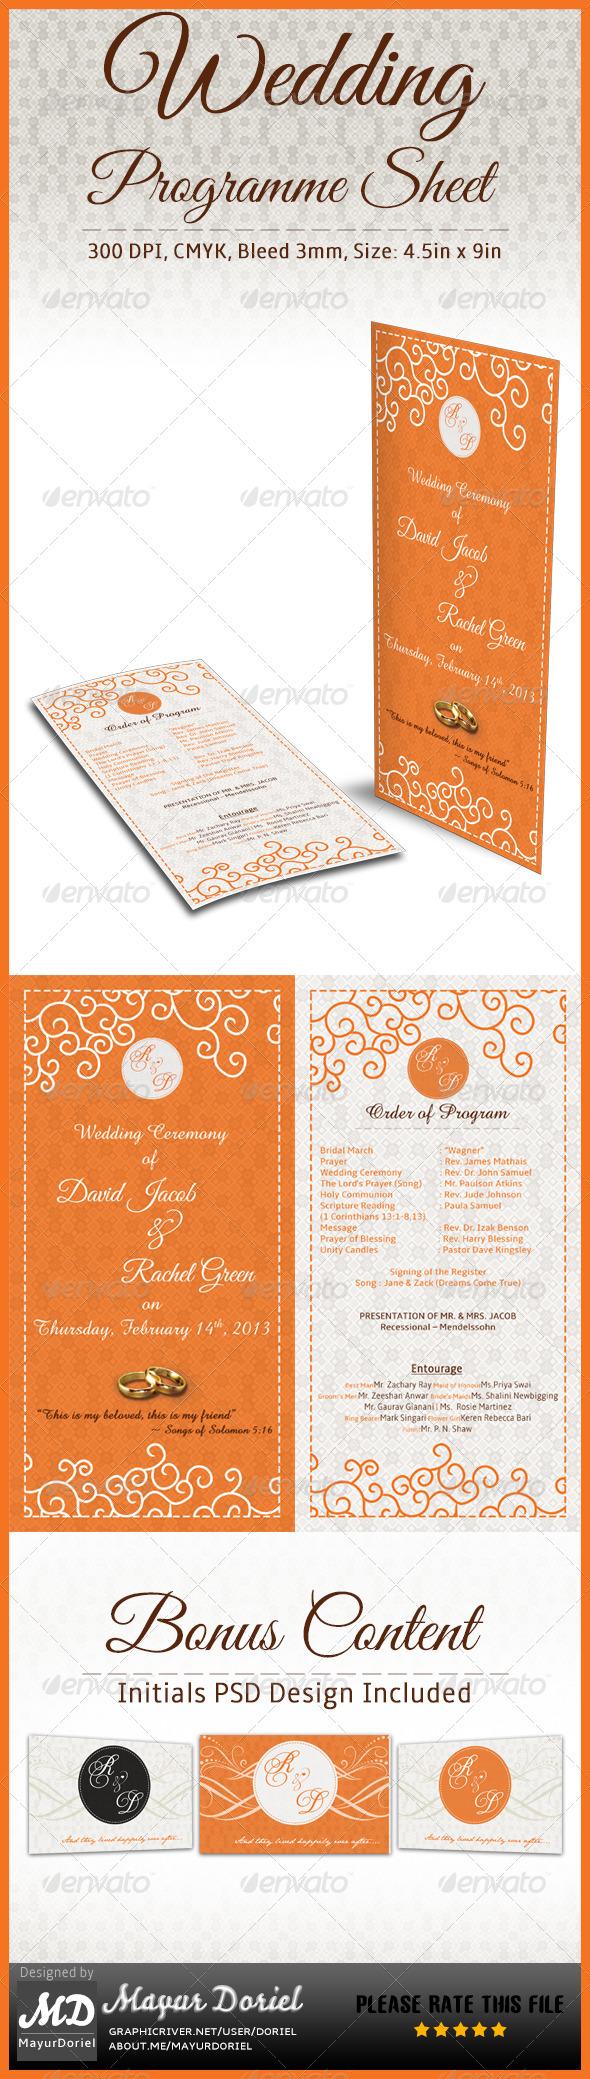 GraphicRiver Wedding Programme Sheet Schedule 3883996